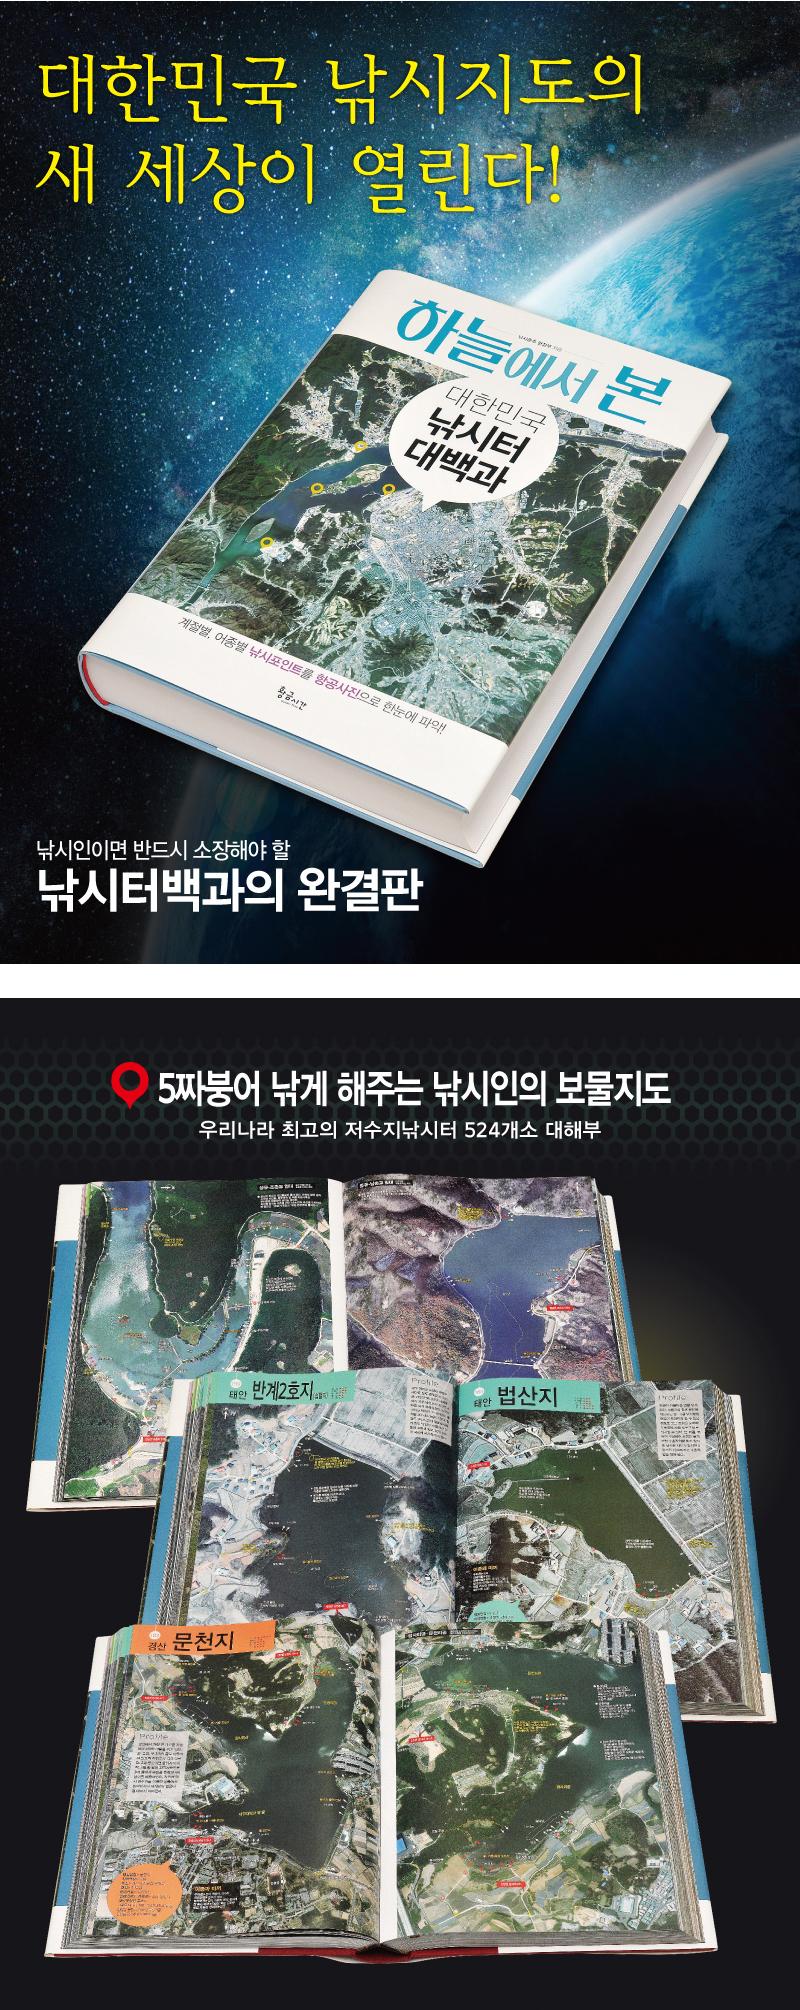 위성지도 낚시춘추 황금시간 하늘에서 본 대한민국 낚시터 대백과